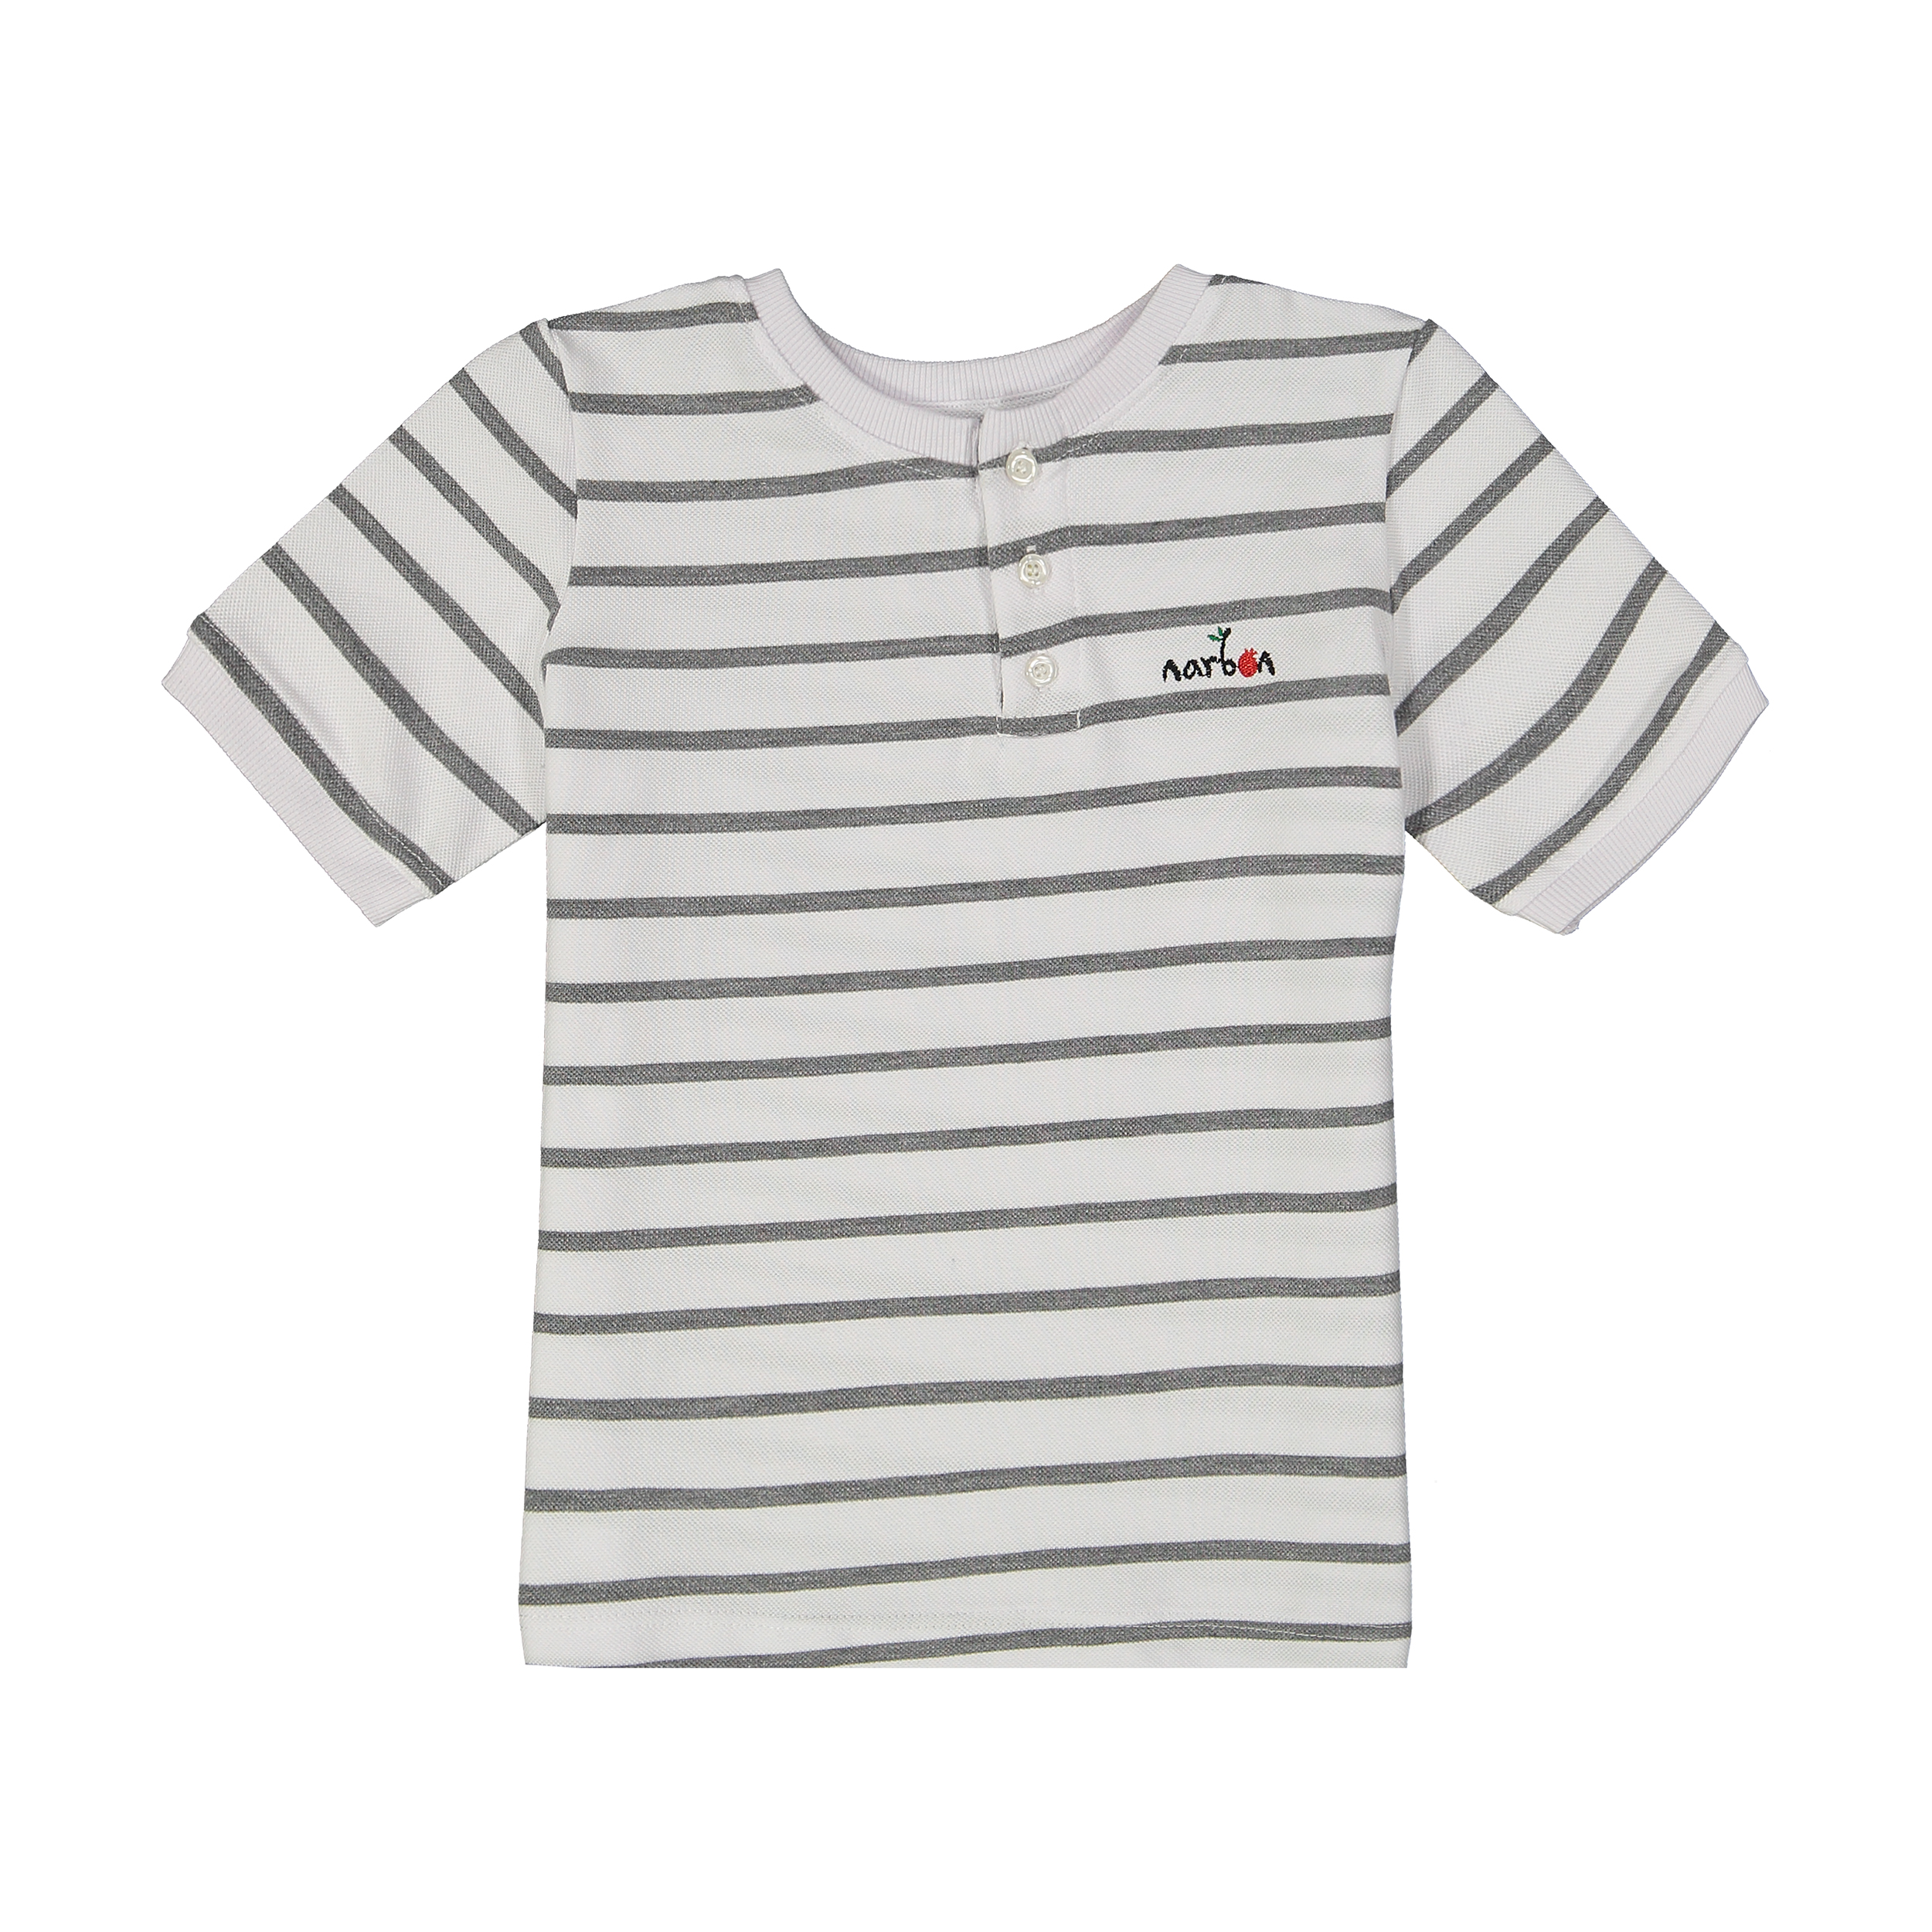 تی شرت بچگانه ناربن مدل 1521183-0190